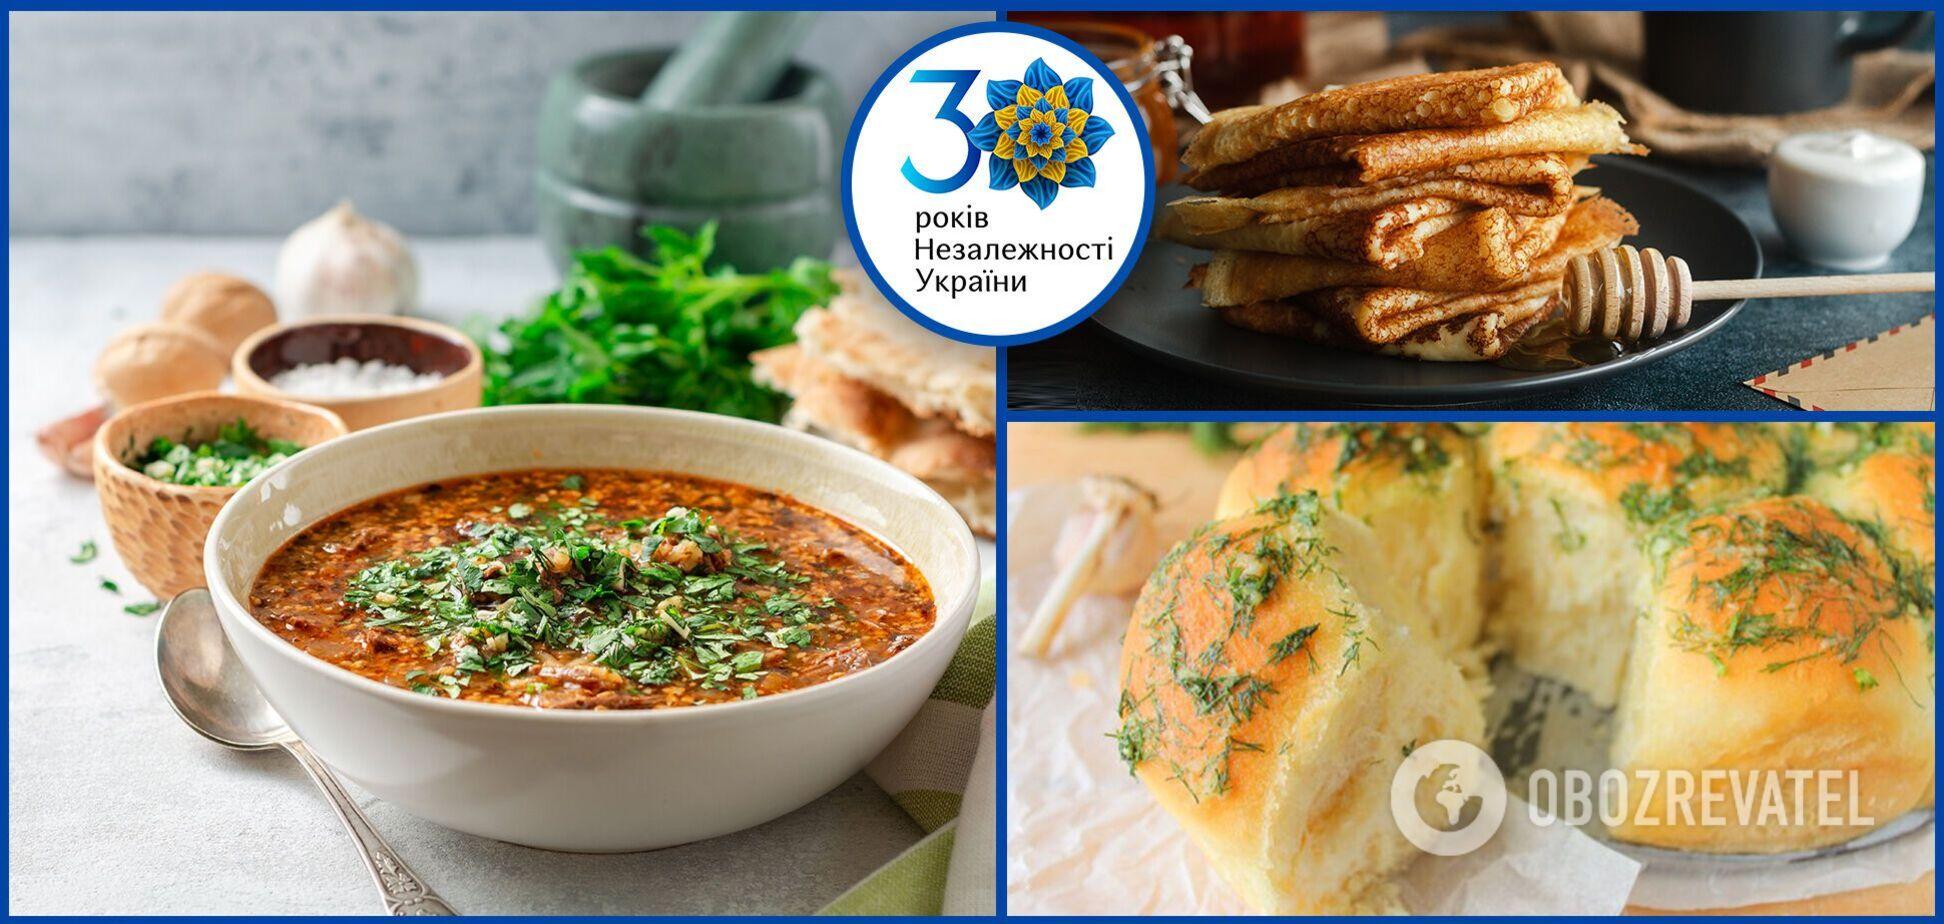 Популярные блюда, которые готовят современные украинцы